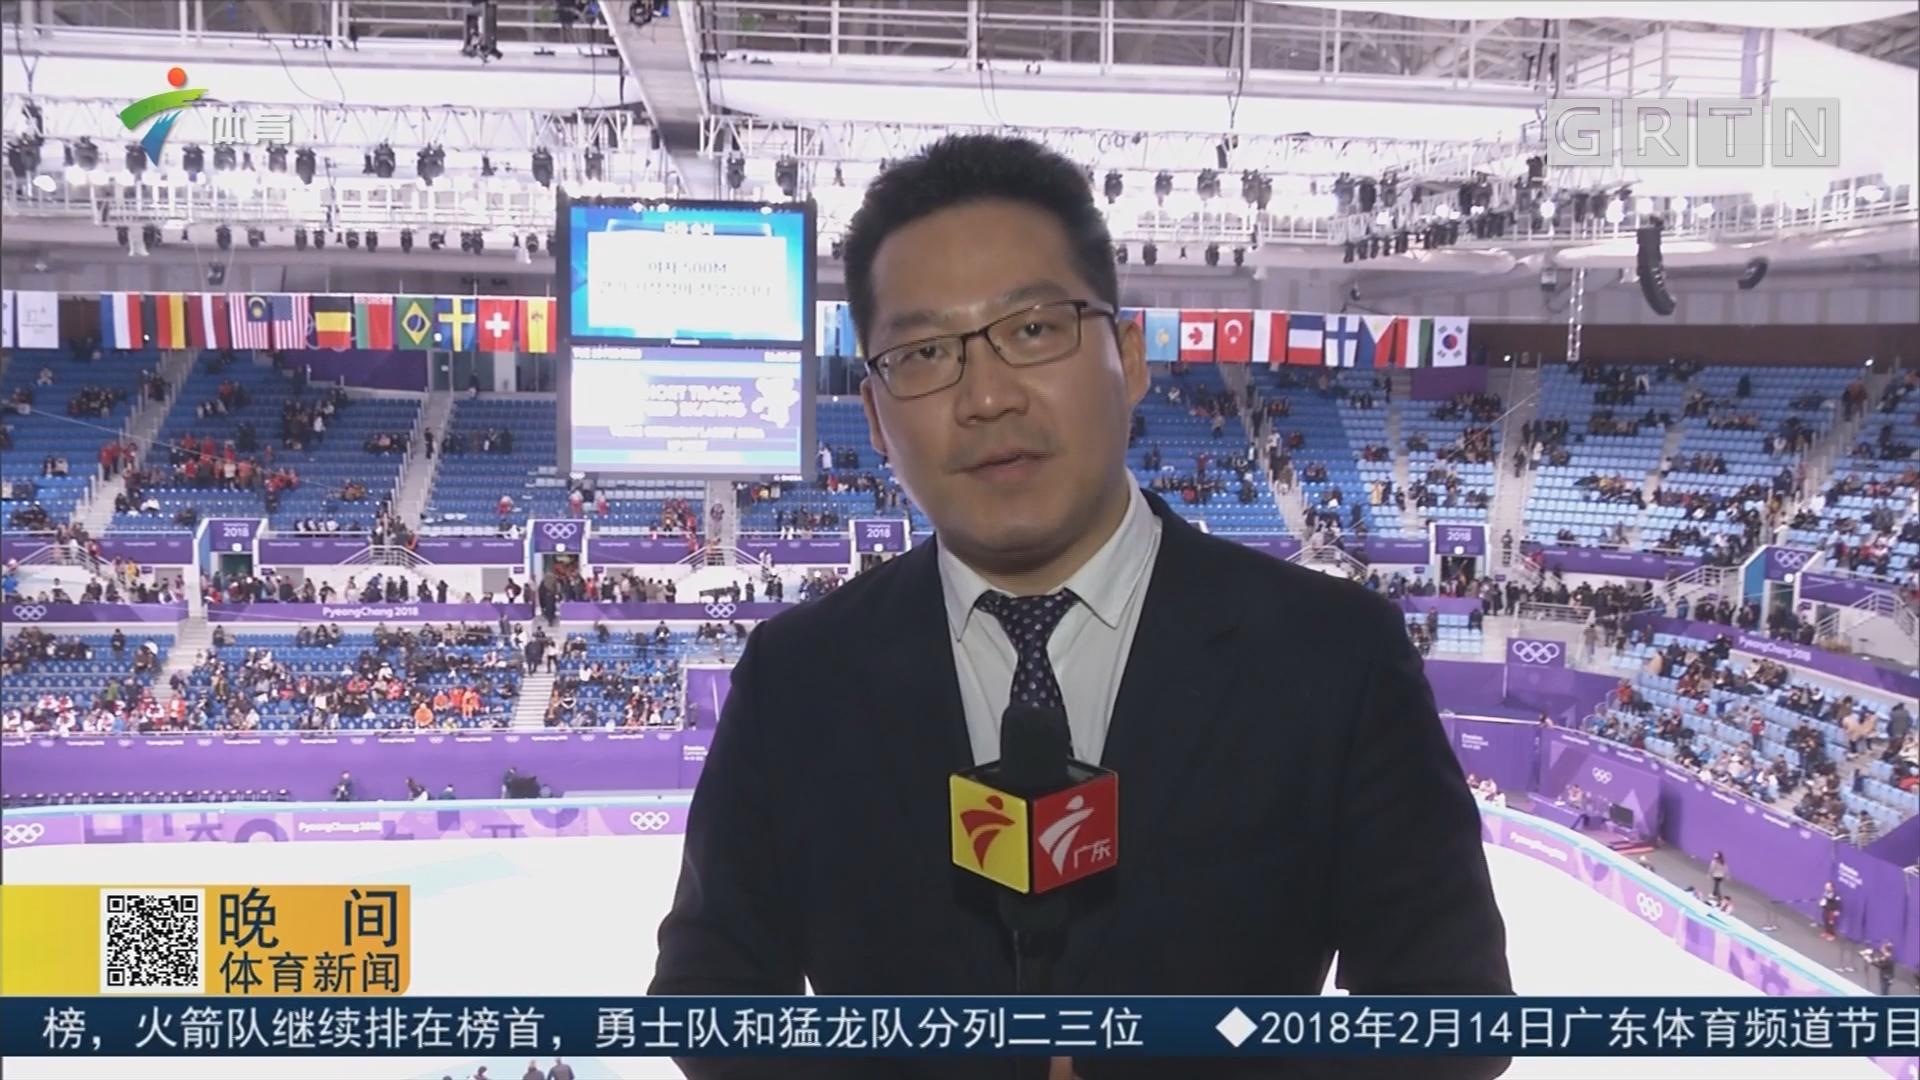 燕江涛:理性看待裁判判罚